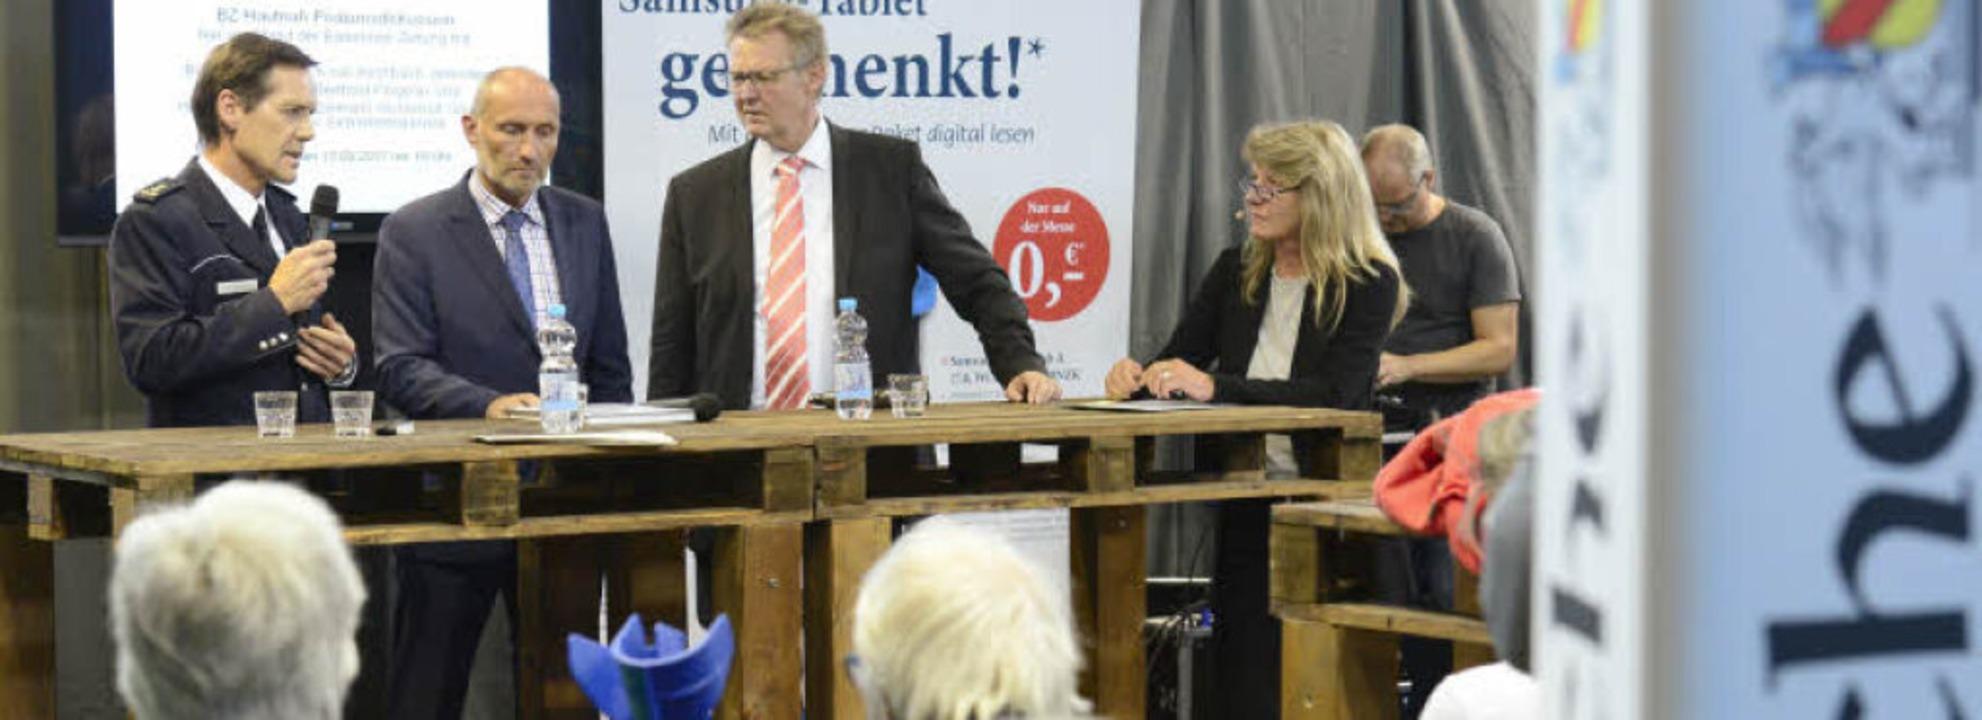 Über Sicherheit diskutierten auf der B...oderatorin Conny Hodeige (von links).   | Foto: schneider